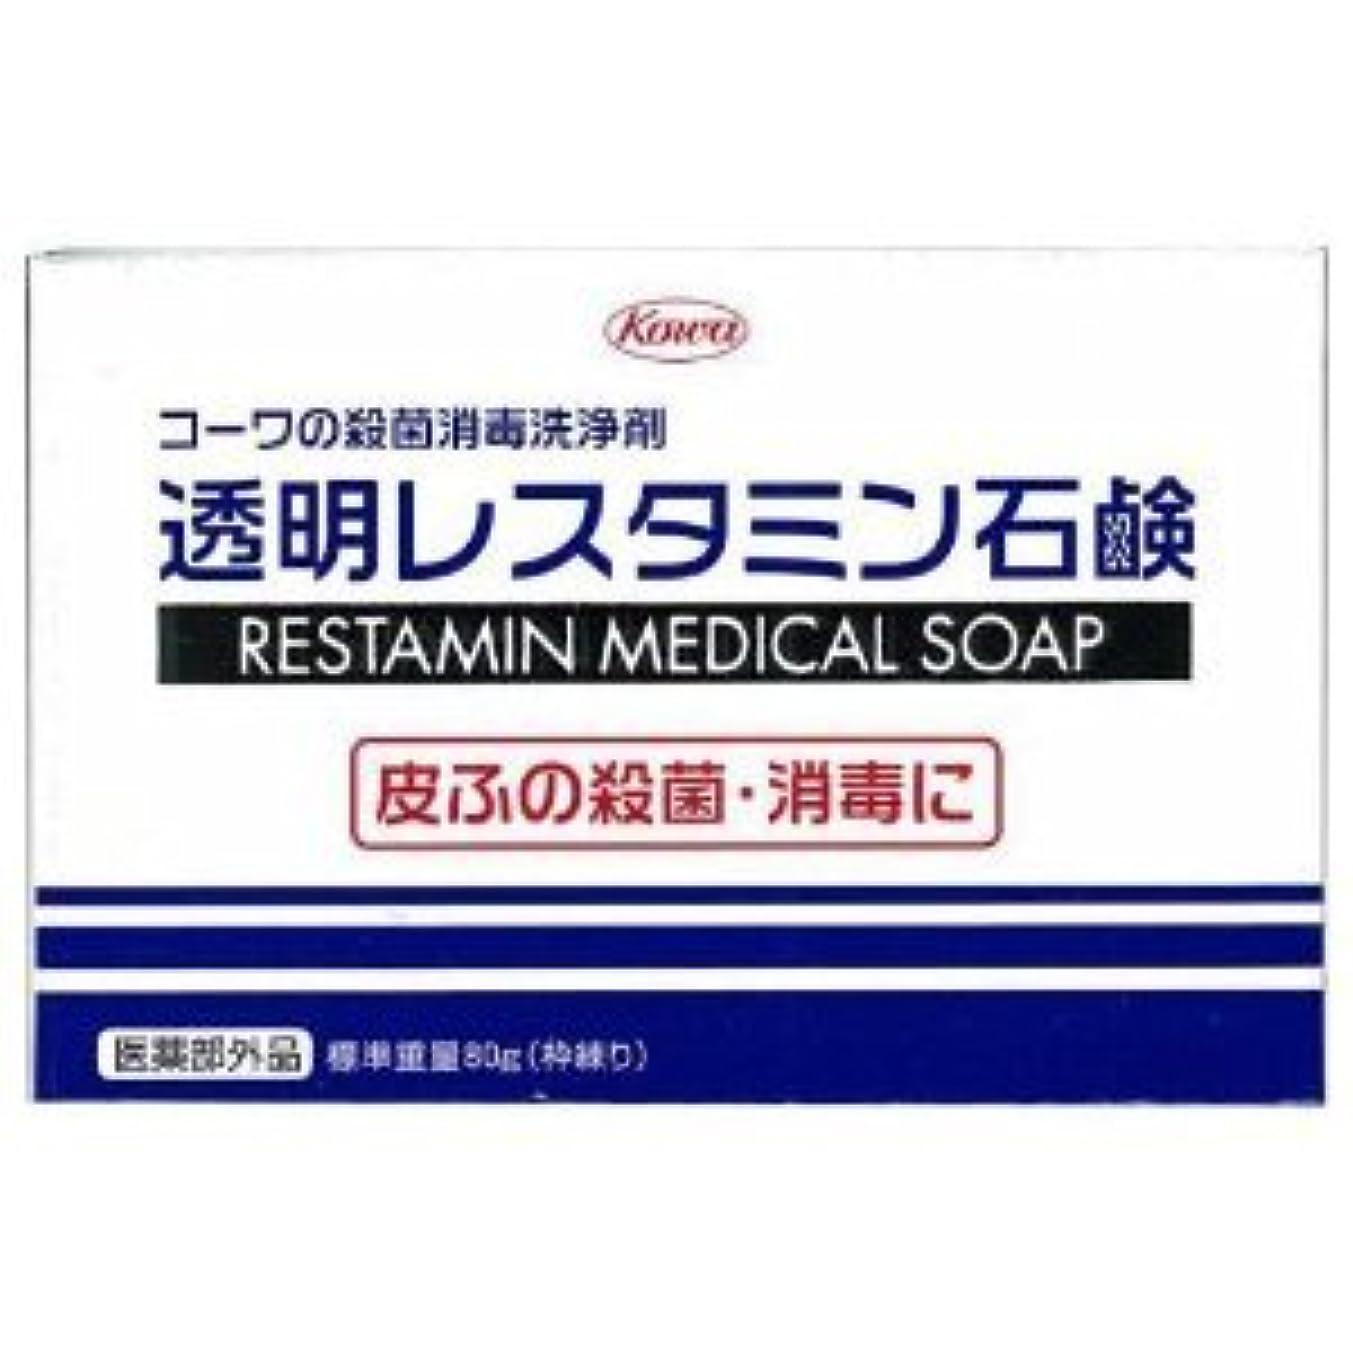 打撃また明日ね幸運なことに【興和】コーワの殺菌消毒洗浄剤「透明レスタミン石鹸」80g(医薬部外品) ×10個セット